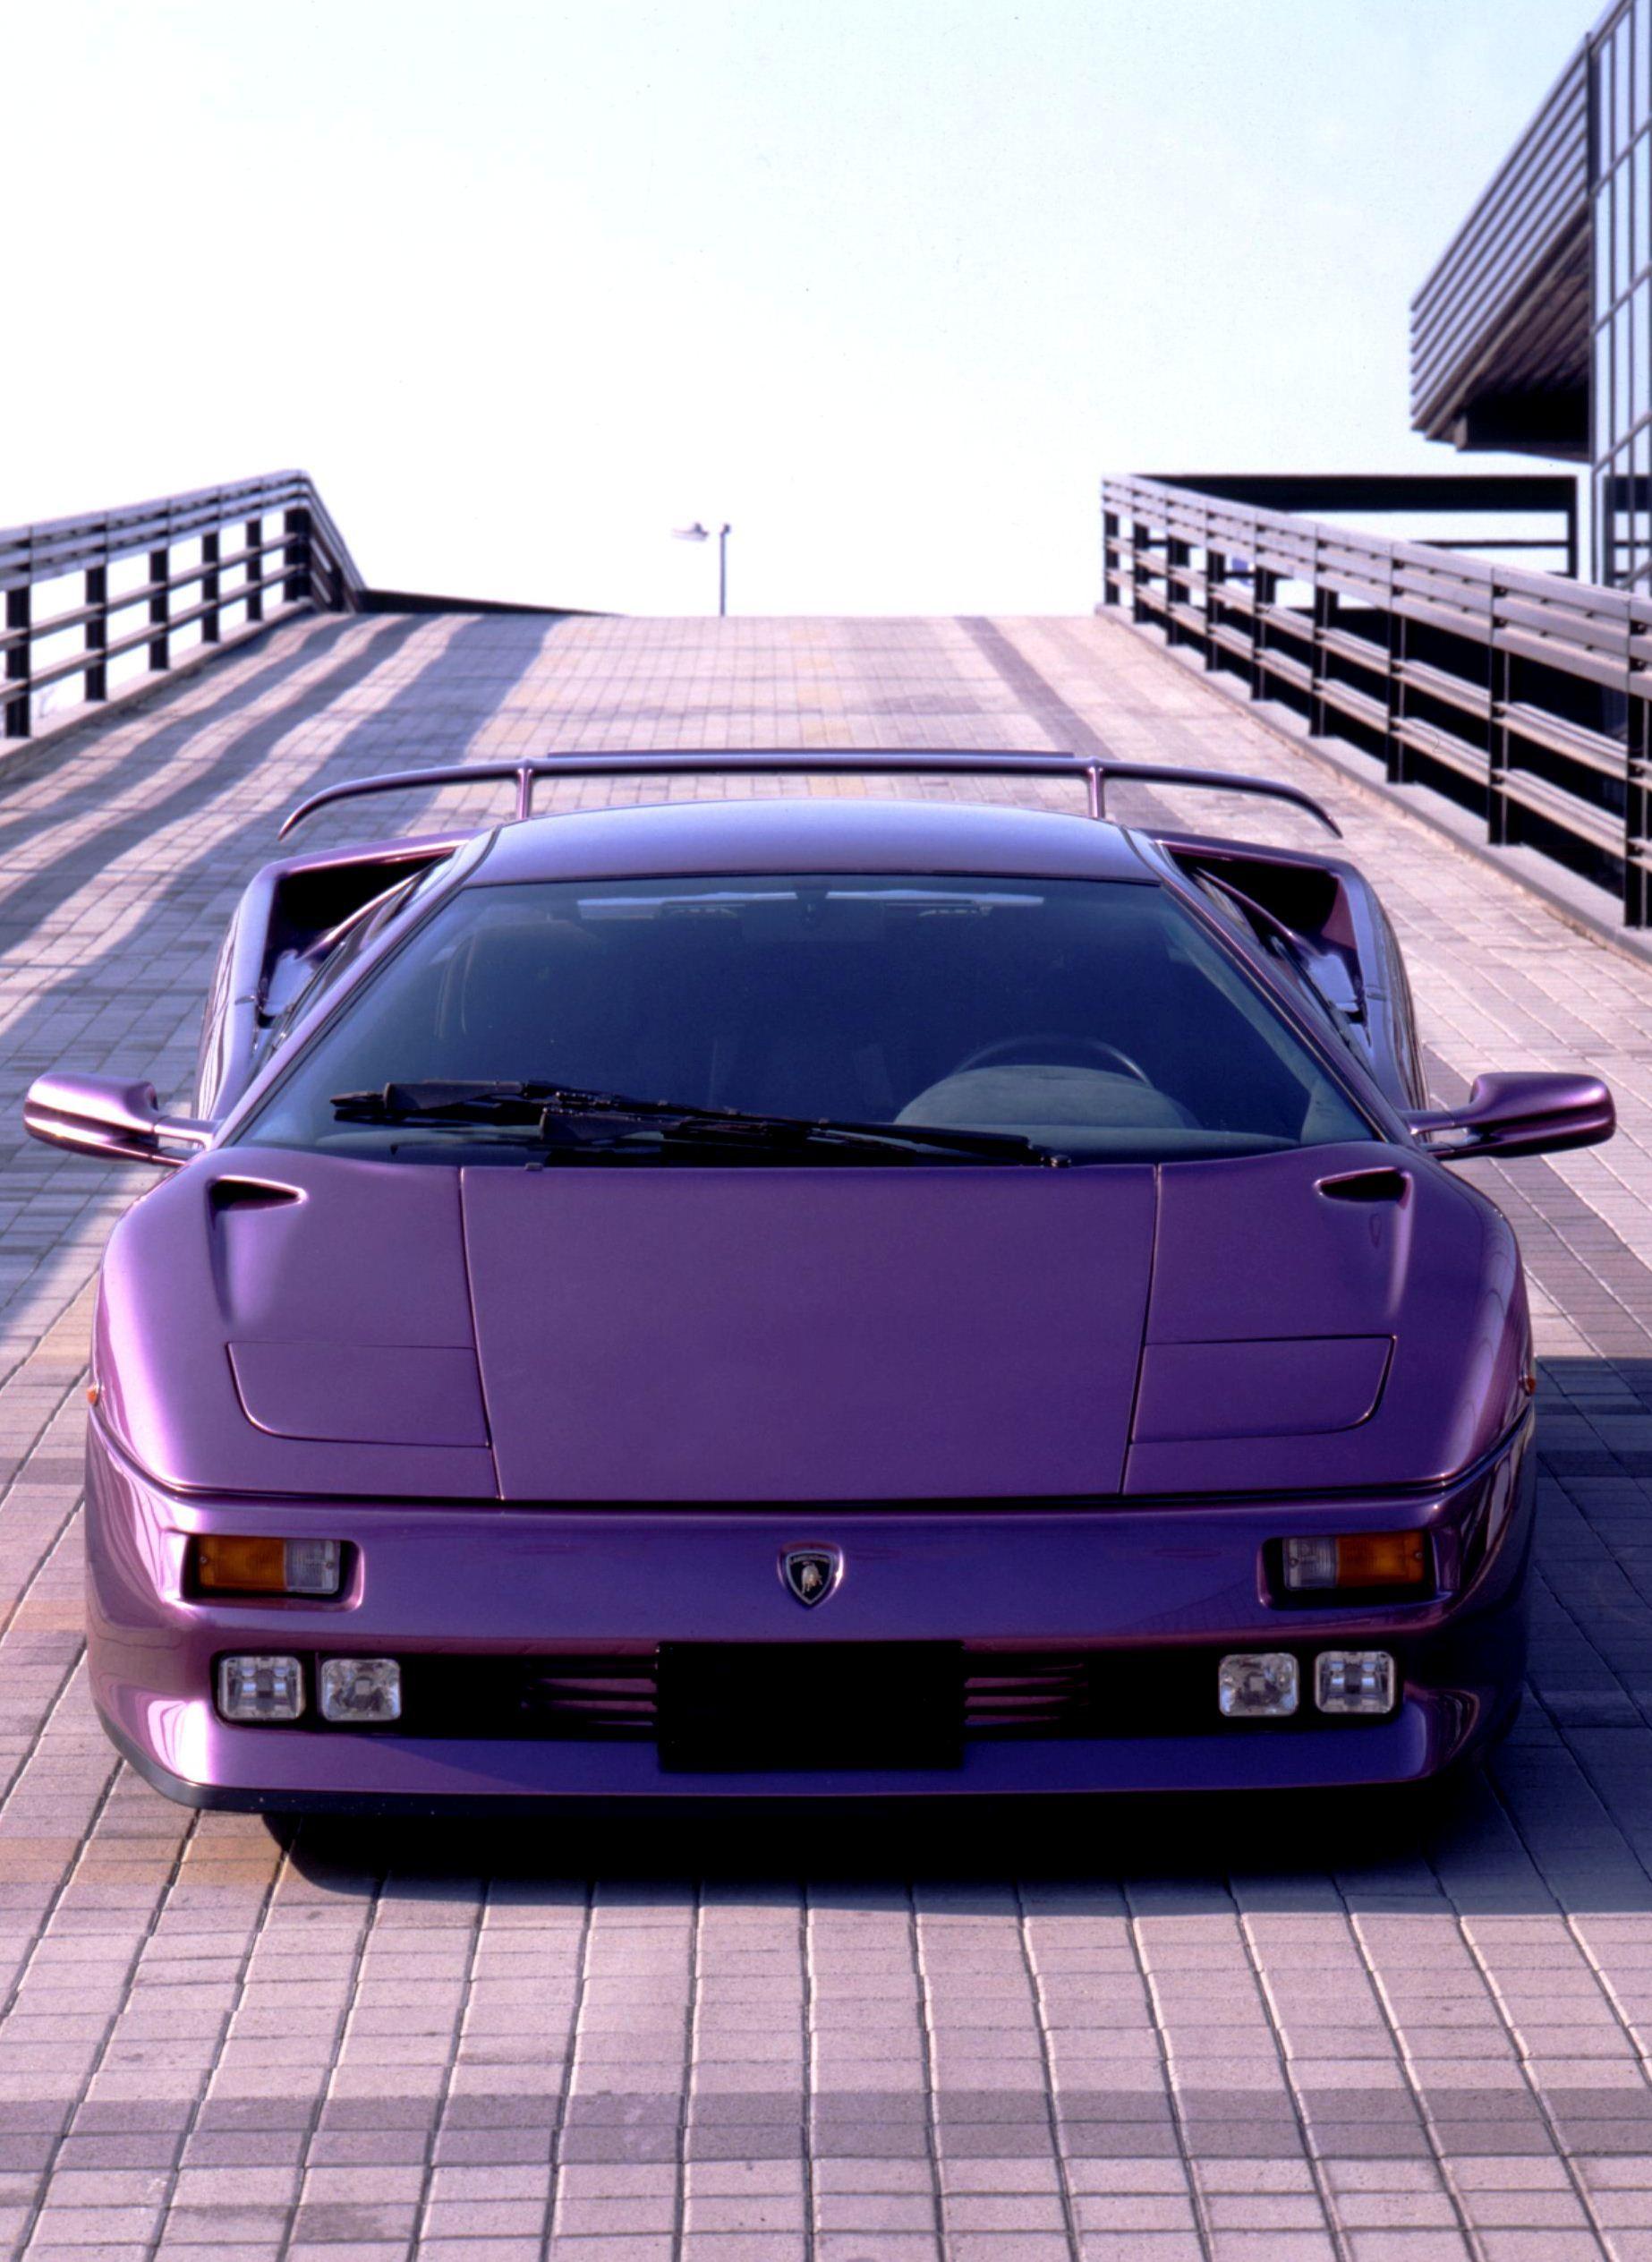 The Lamborghini Veneno | Lamborghini diablo, Lamborghini and Cars on purple porsche 911, purple nissan gt-r, purple hennessey venom gt, purple bmw m3, purple pagani huayra, purple fiat 500, purple toyota corolla, purple ferrari, purple volkswagen beetle, el diablo, purple lotus elise, purple rolls royce, lamborgini diablo, purple saleen s7, purple audi tt, purple mclaren p1, purple pagani zonda, purple mitsubishi eclipse, purple roadster, purple laferrari,